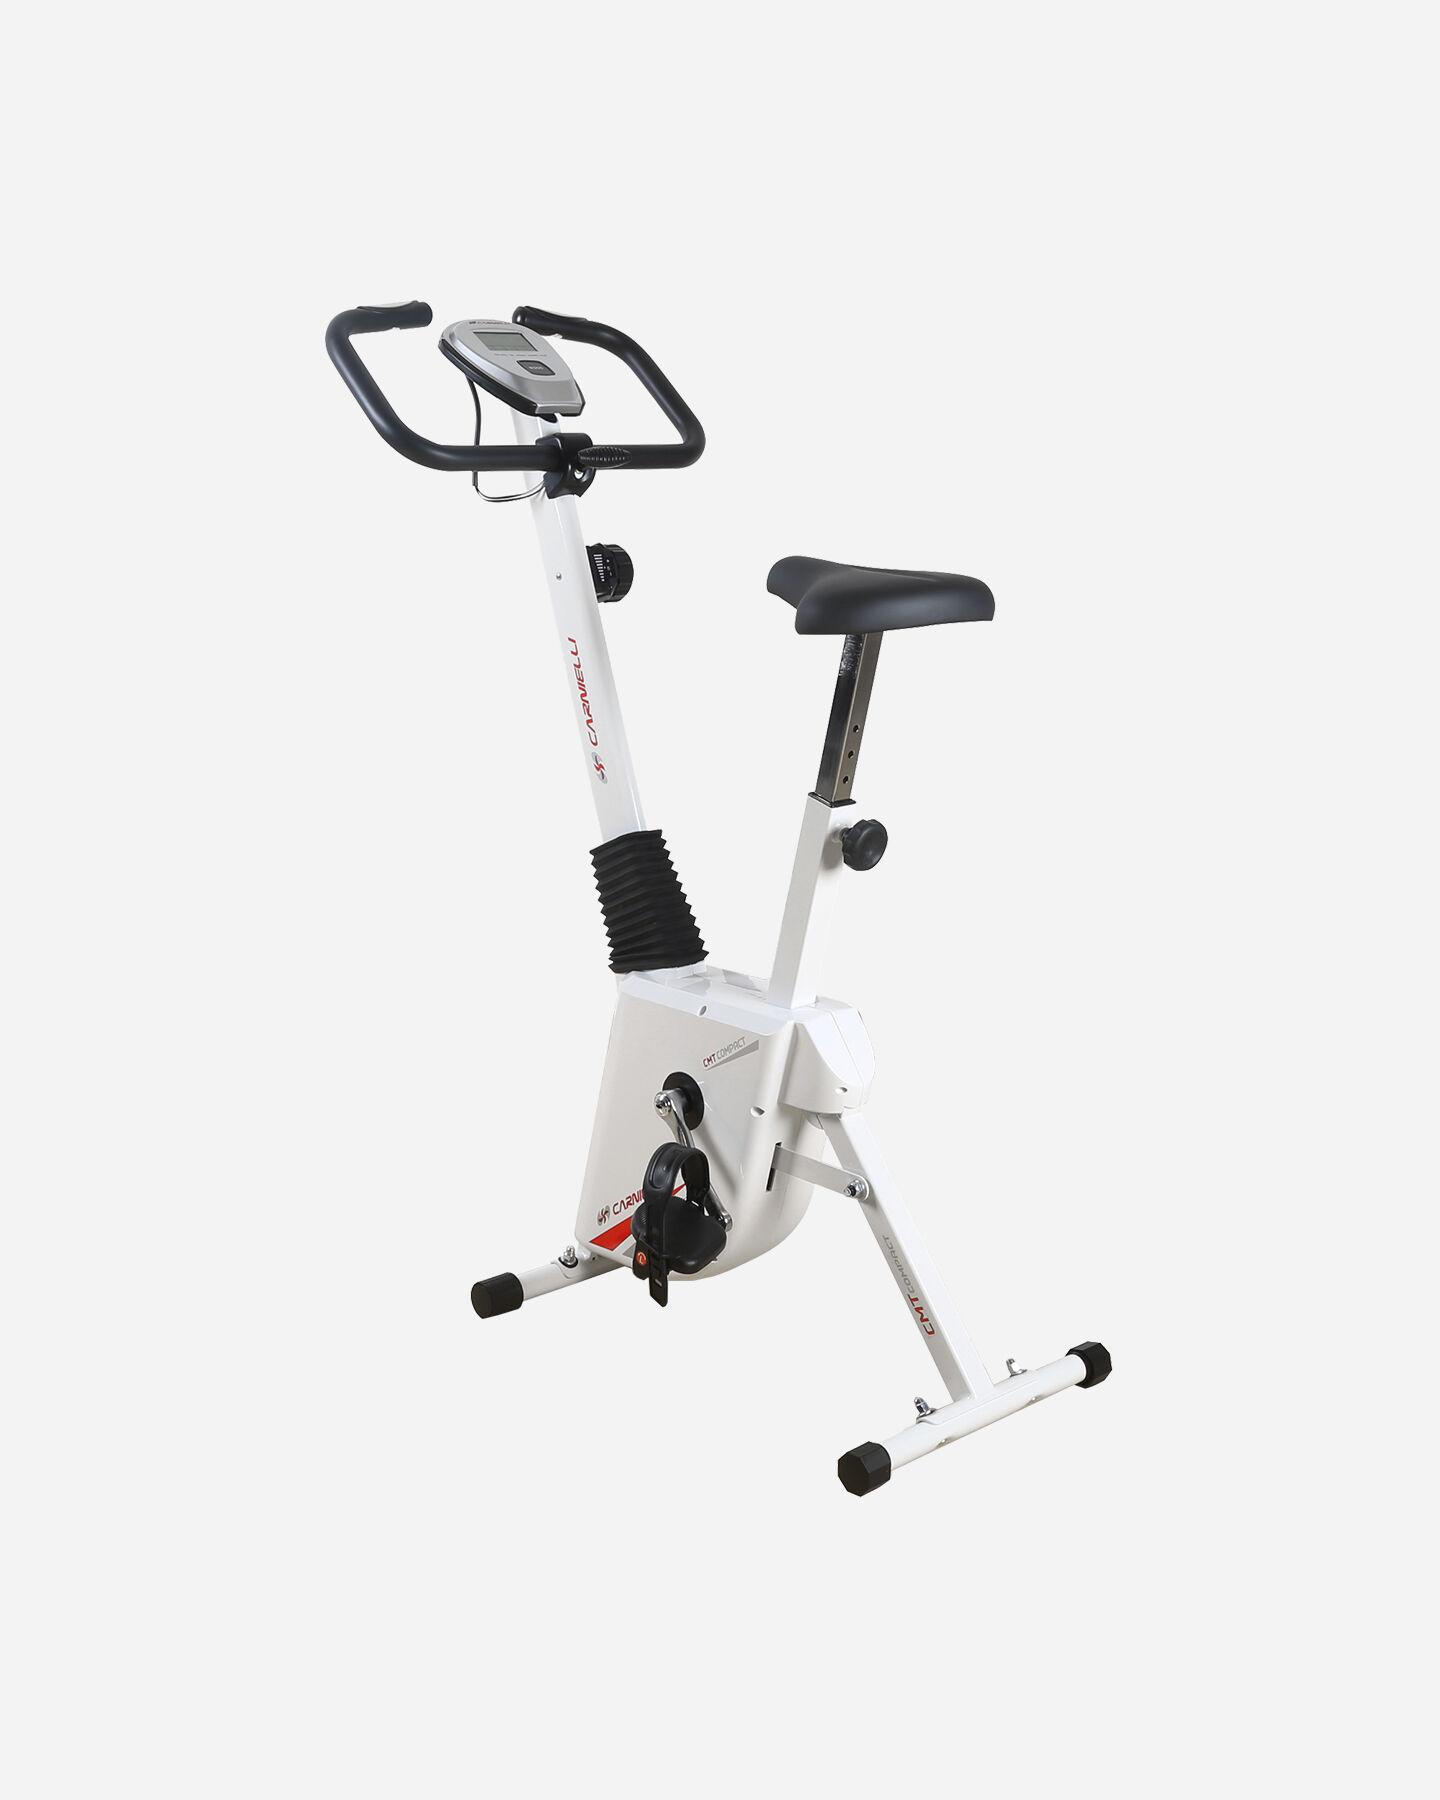 Cyclette CARNIELLI COMPACT S5231276 1 UNI scatto 1